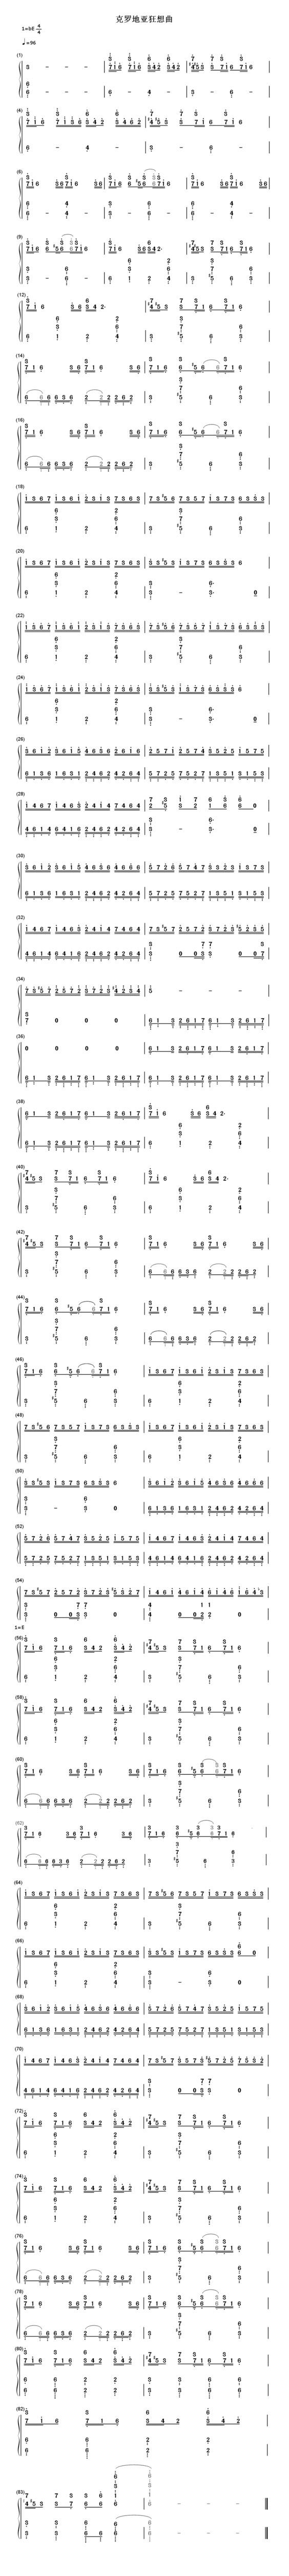 求克罗地亚狂想曲主旋律简谱,直接回答简谱数字就好,万分感激